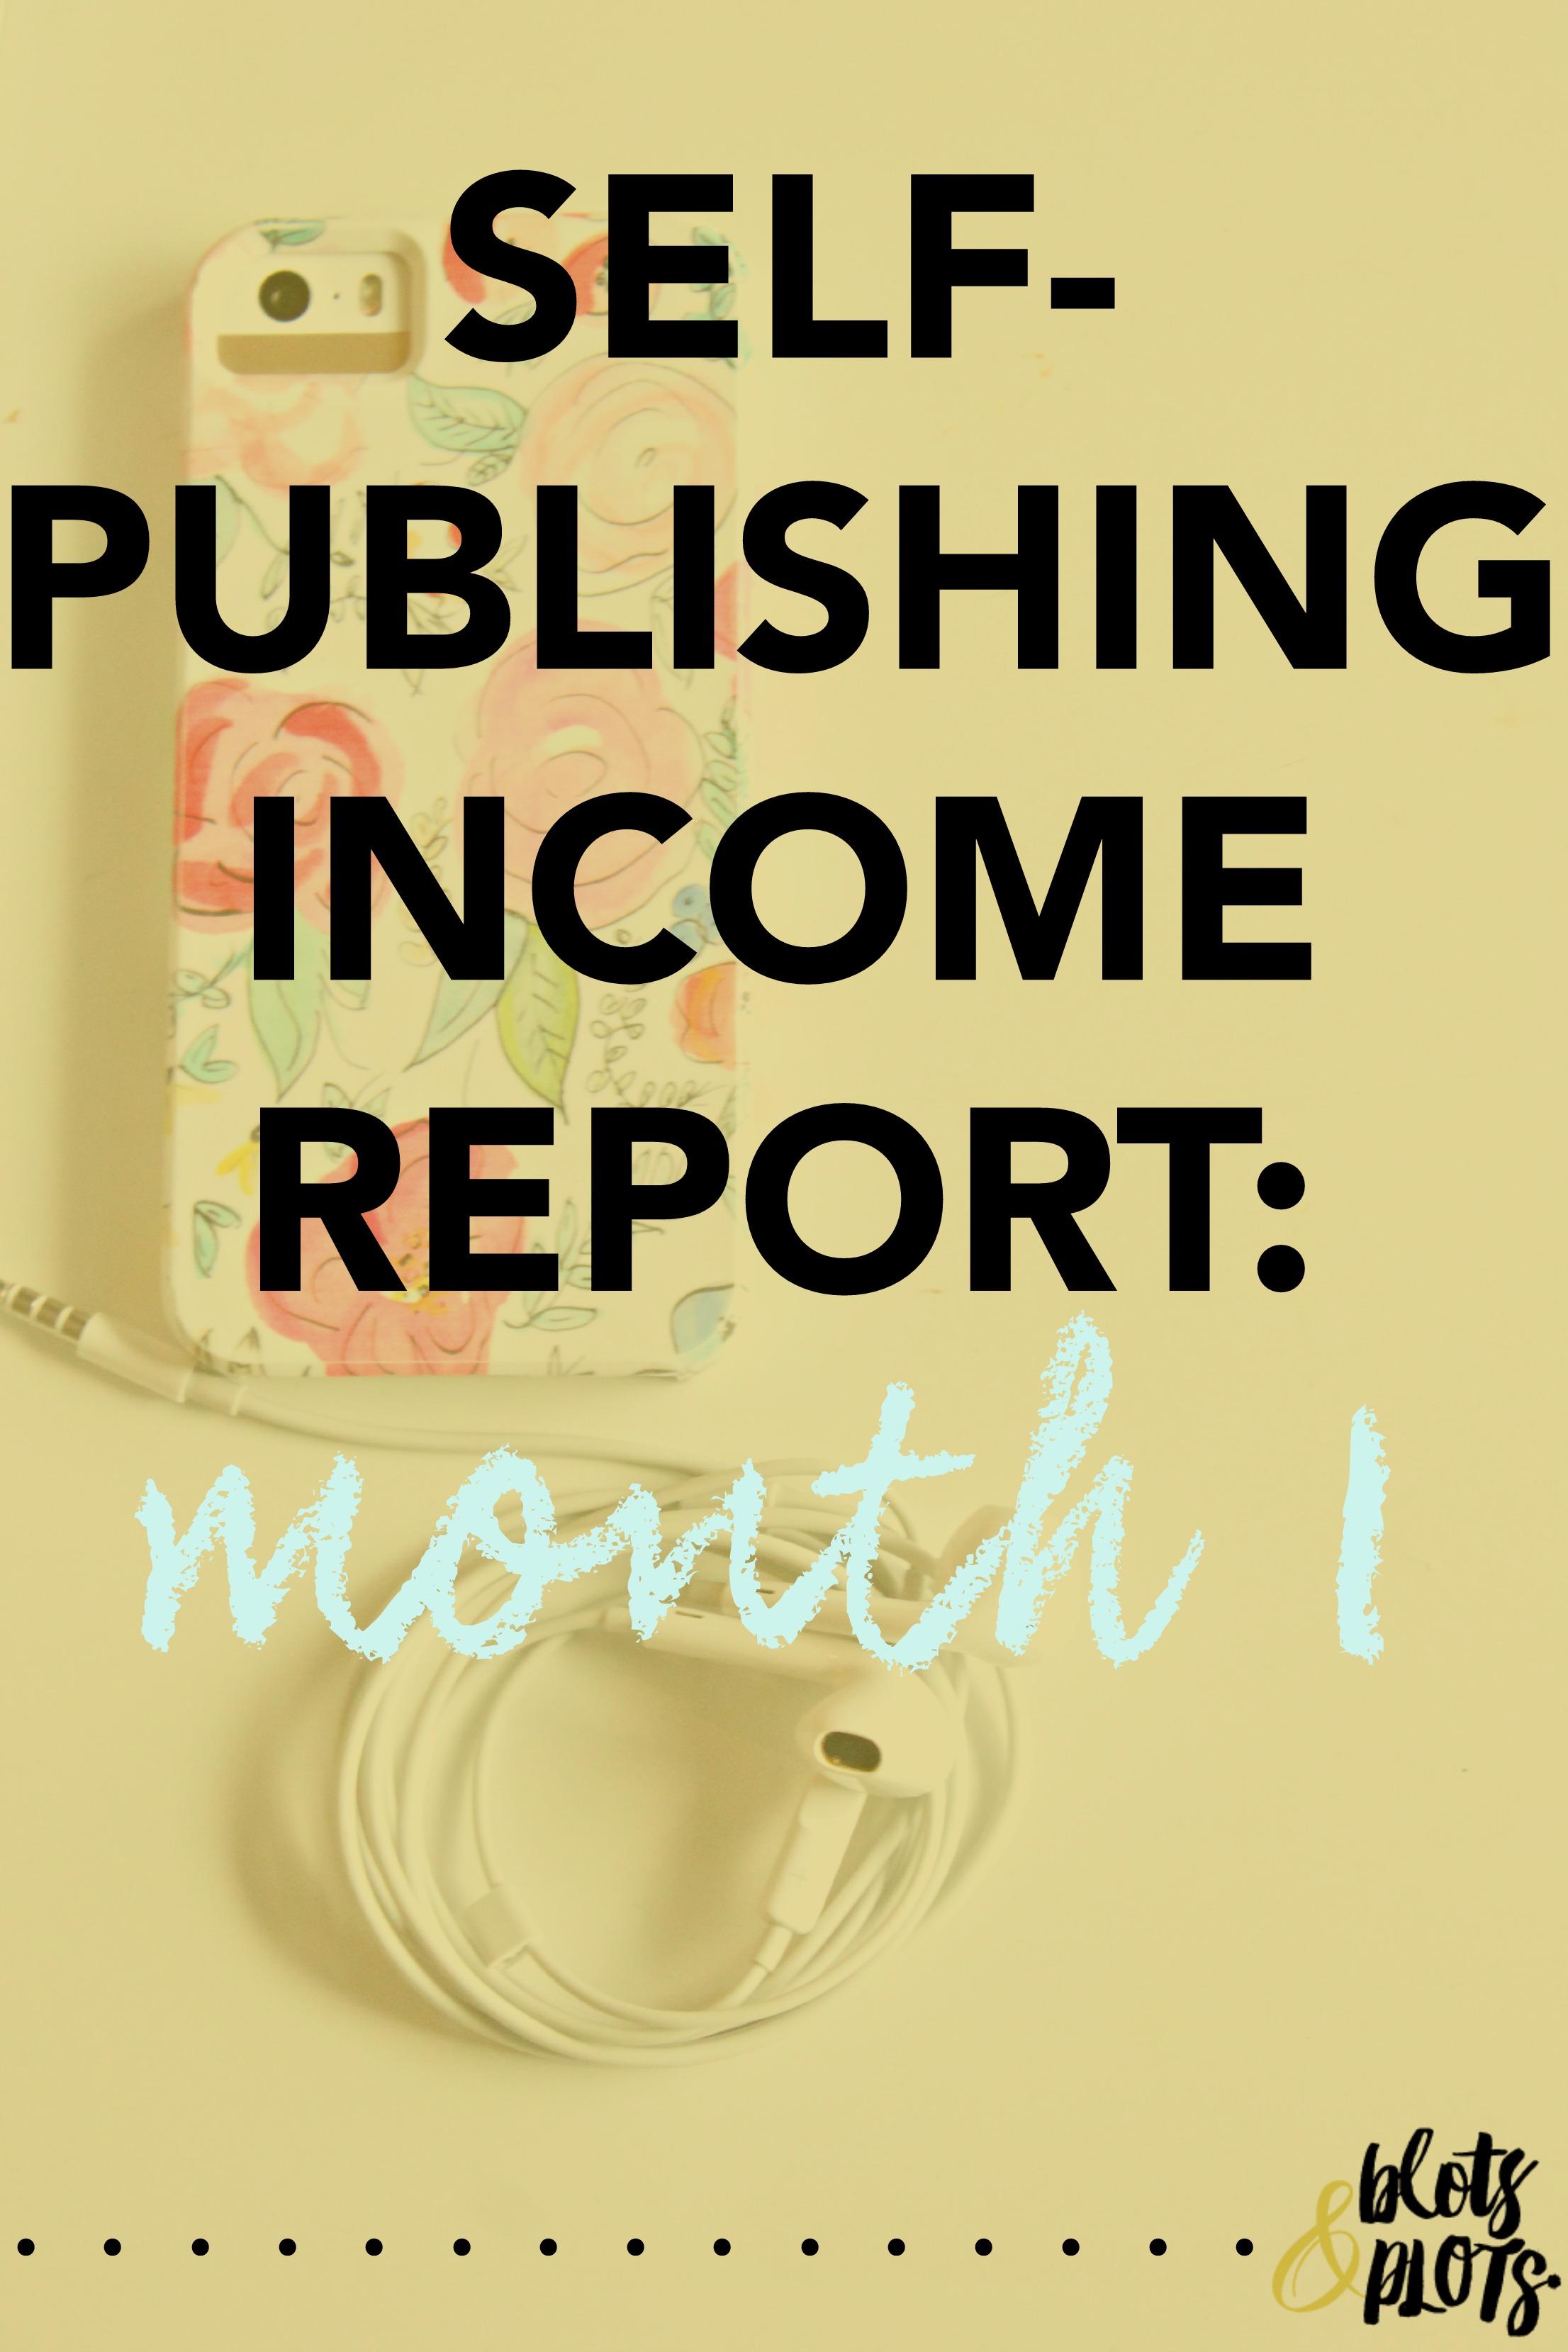 Self-Pub Income Report 1.jpg